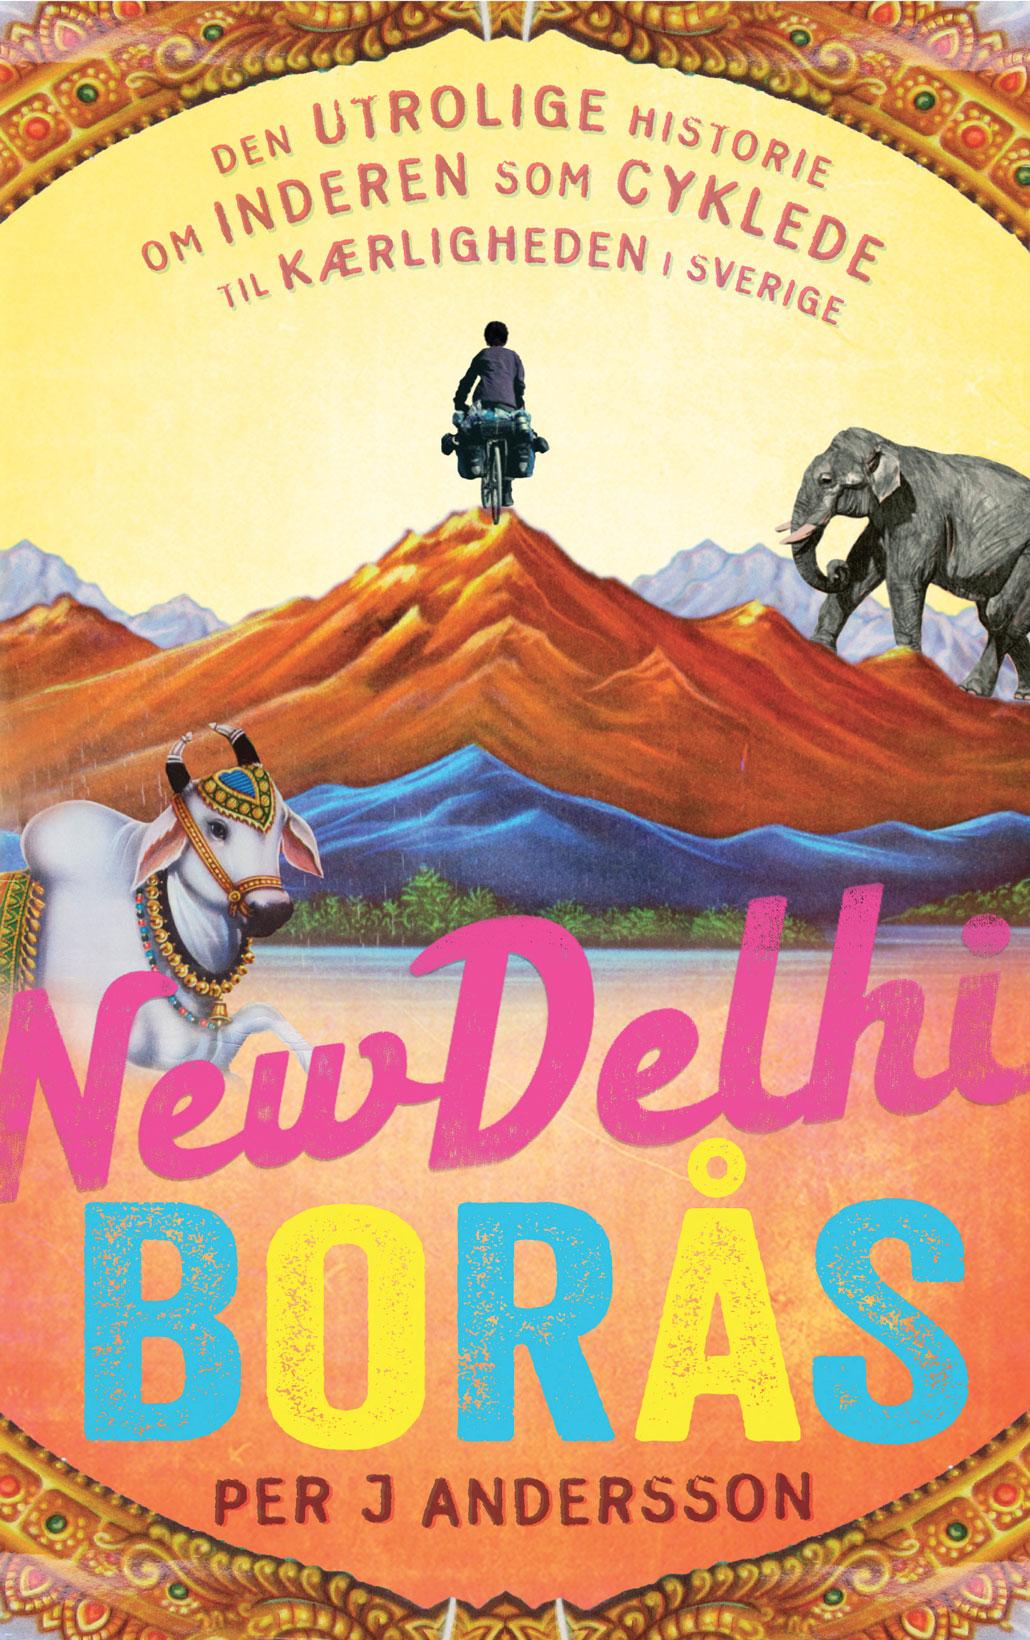 Vagabonds Per J Andersson har skildrat den fantastiska berättelsen i boken New Delhi – Borås.